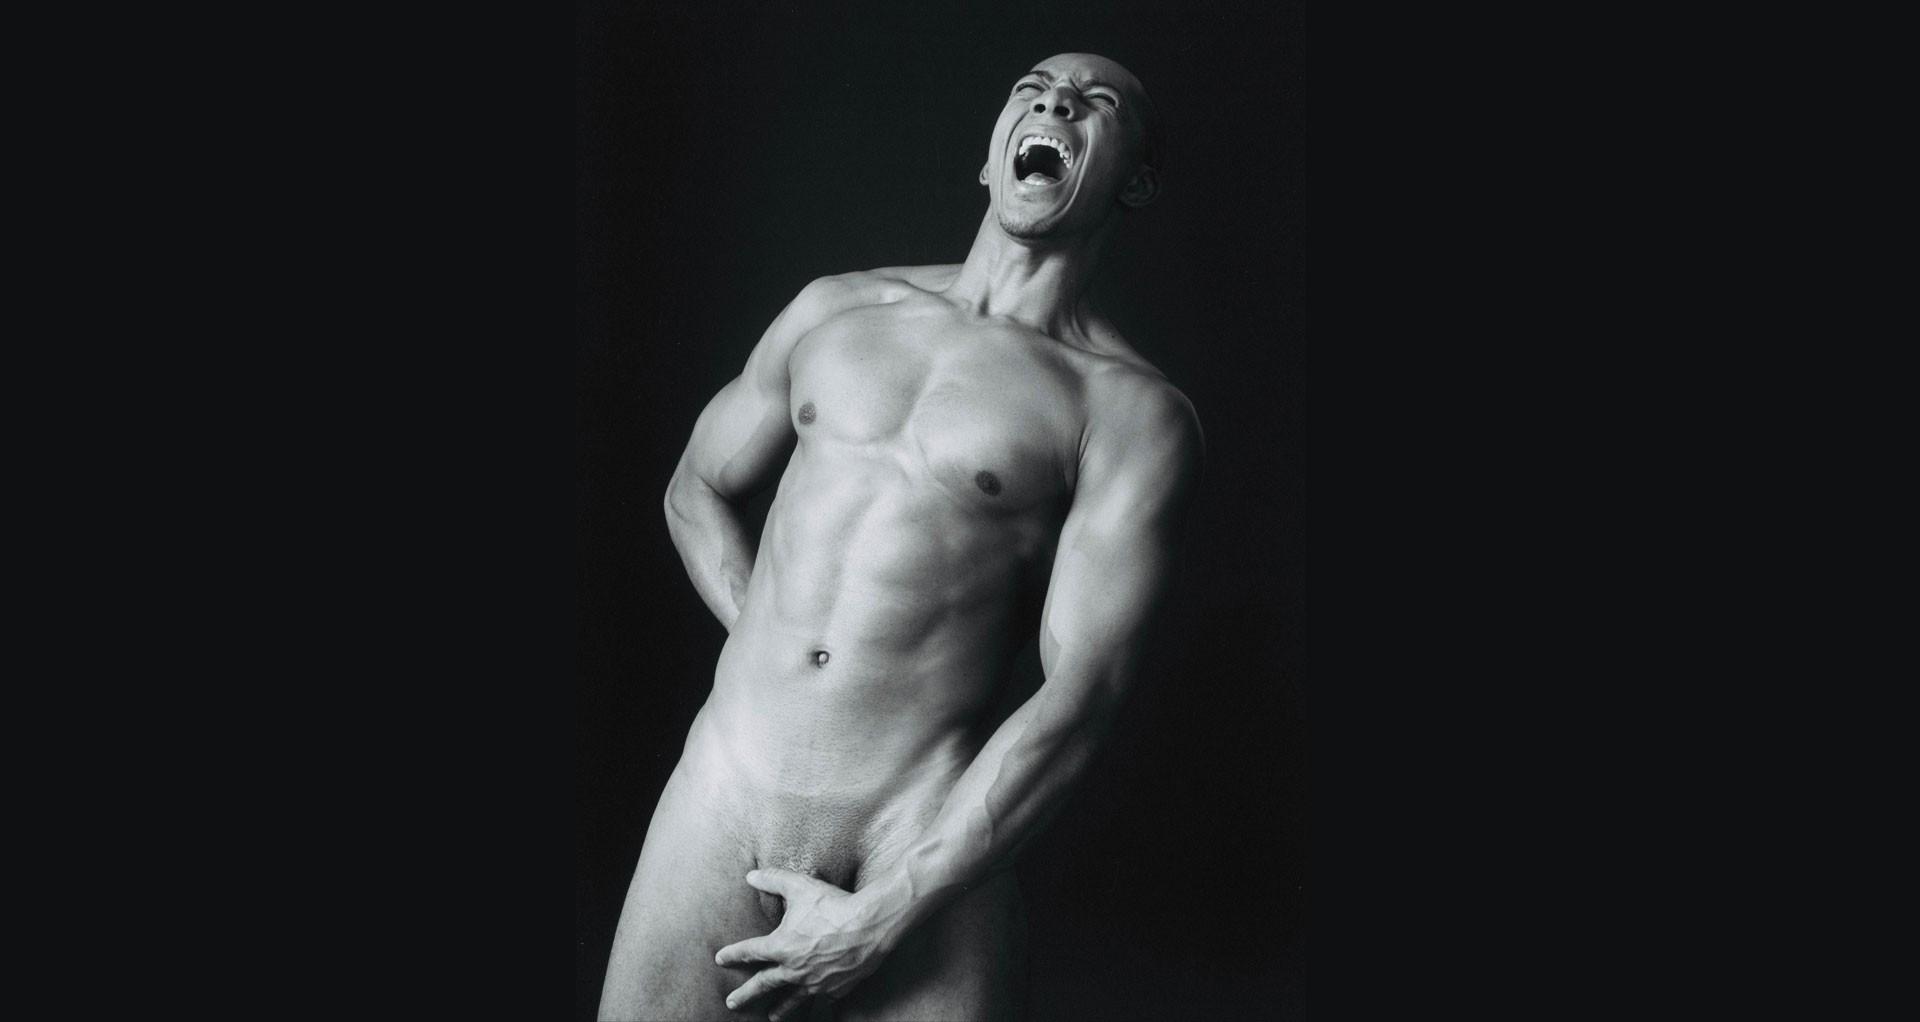 tipps beim wichsen grosse penis bilder